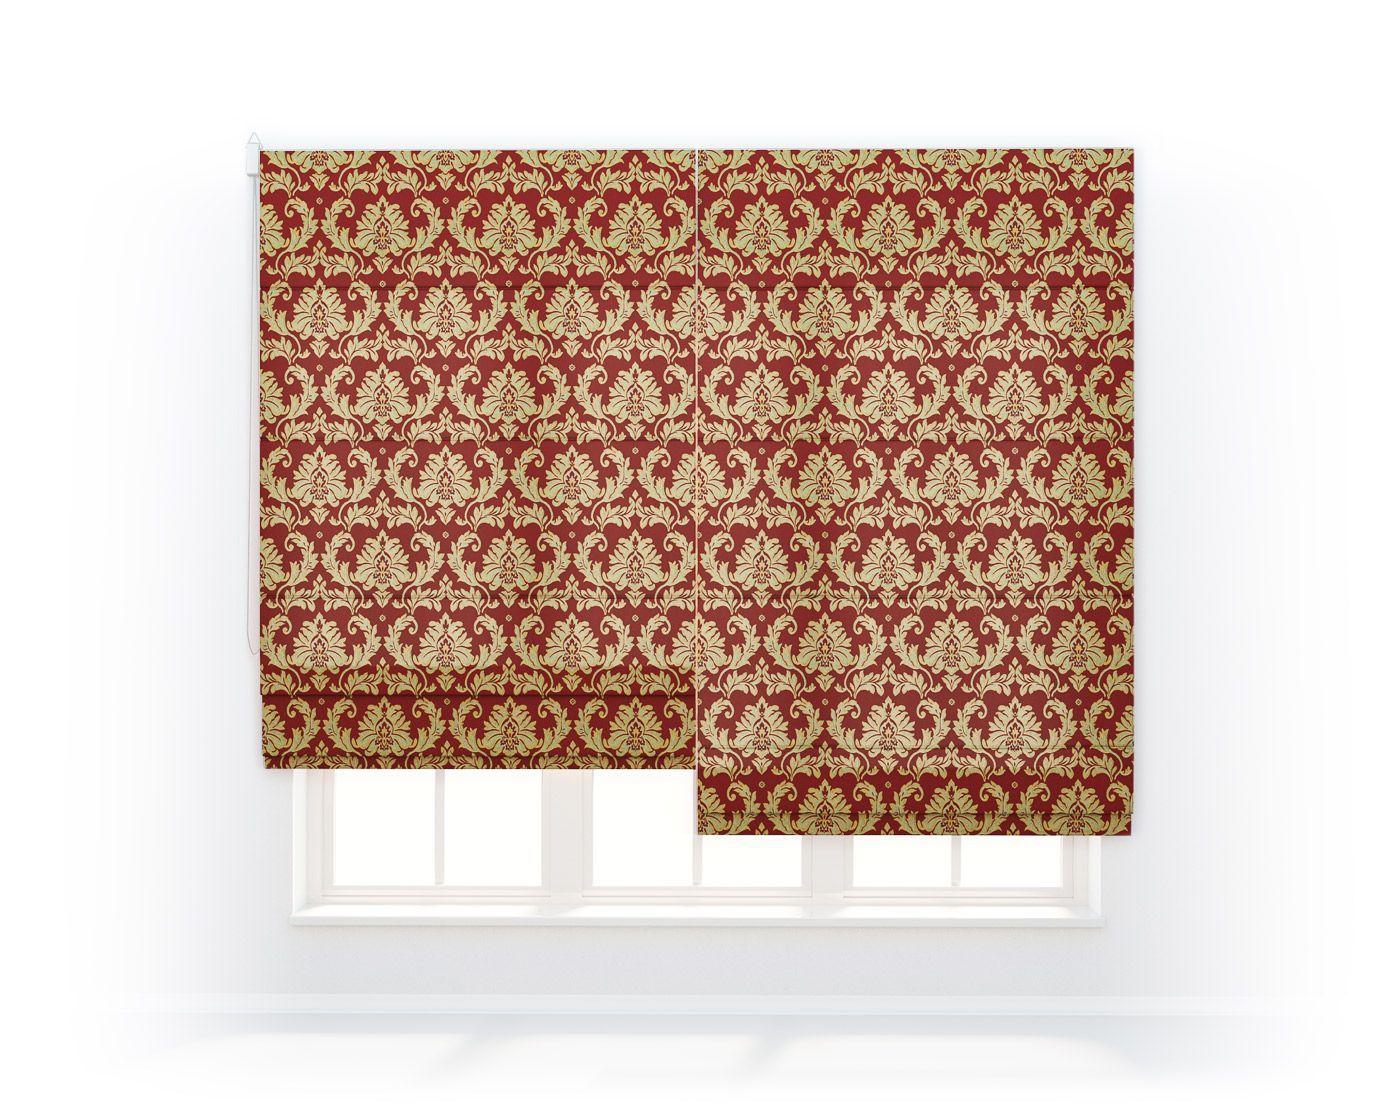 Римские шторы Louis D'or, 2374/30